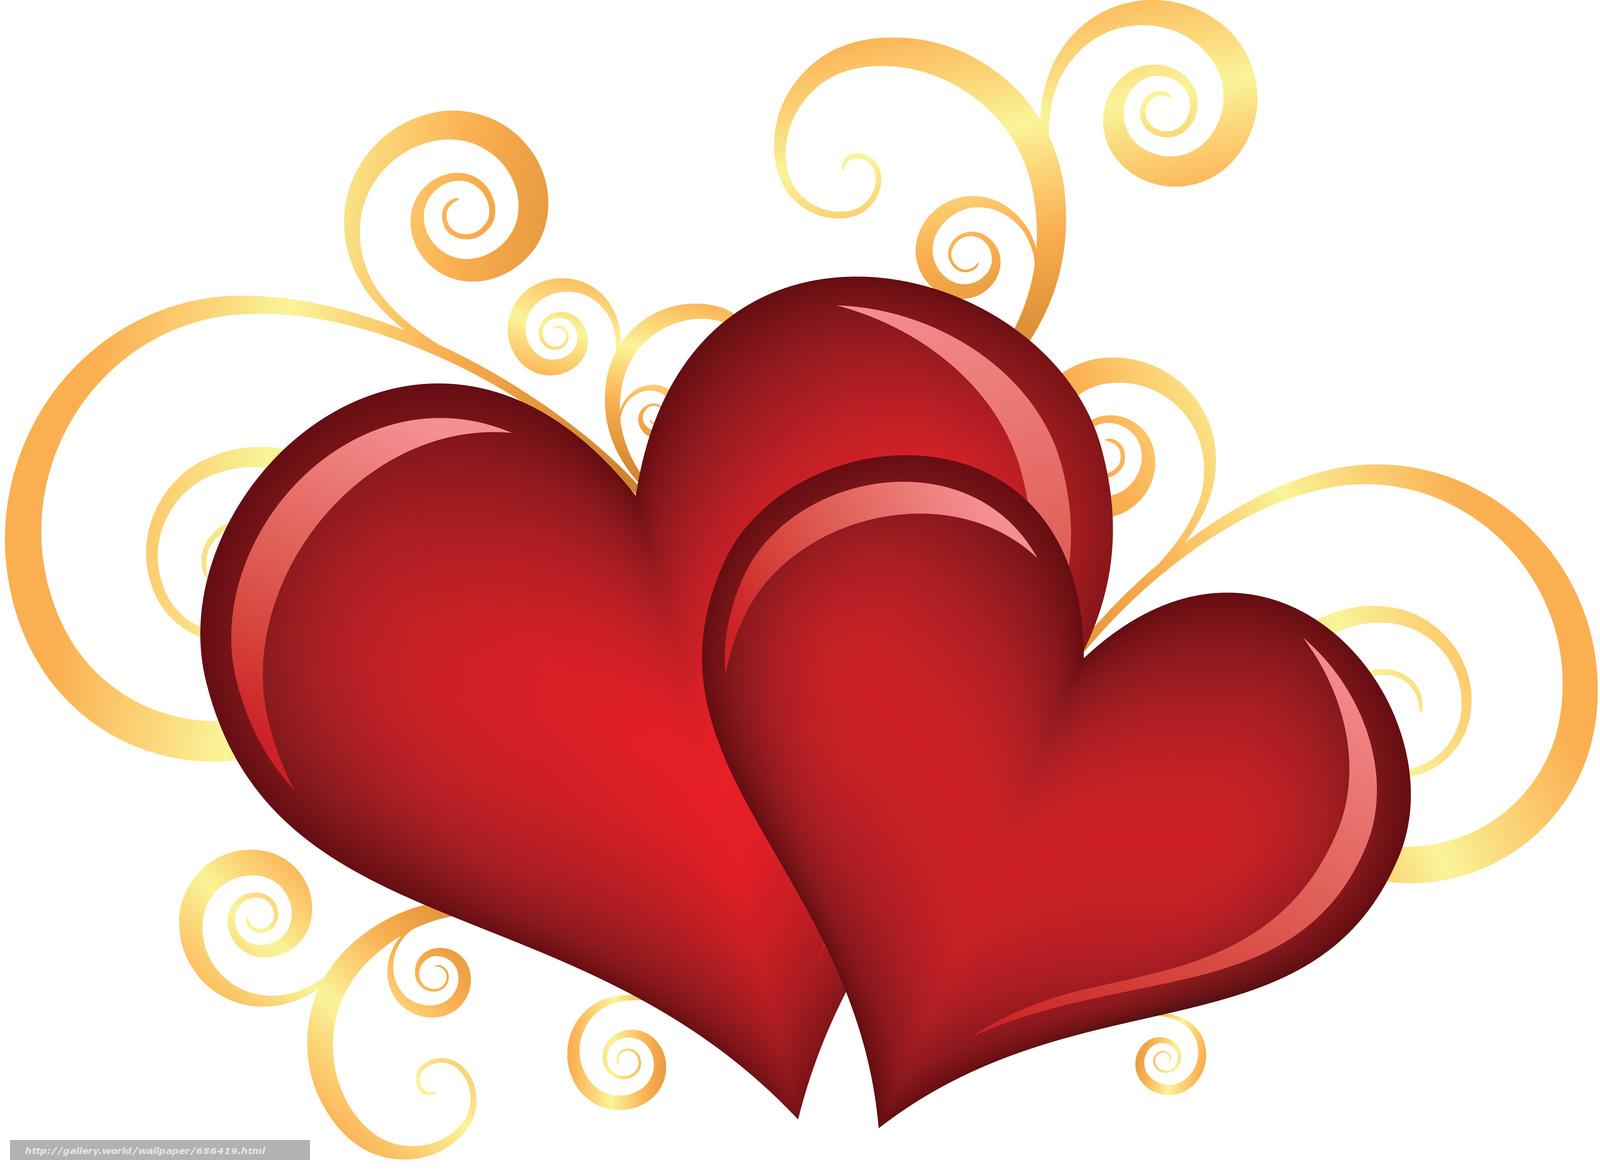 Скачать обои день святого валентина,  день всех влюбленных,  праздник,  сердце бесплатно для рабочего стола в разрешении 5672x4148 — картинка №656419